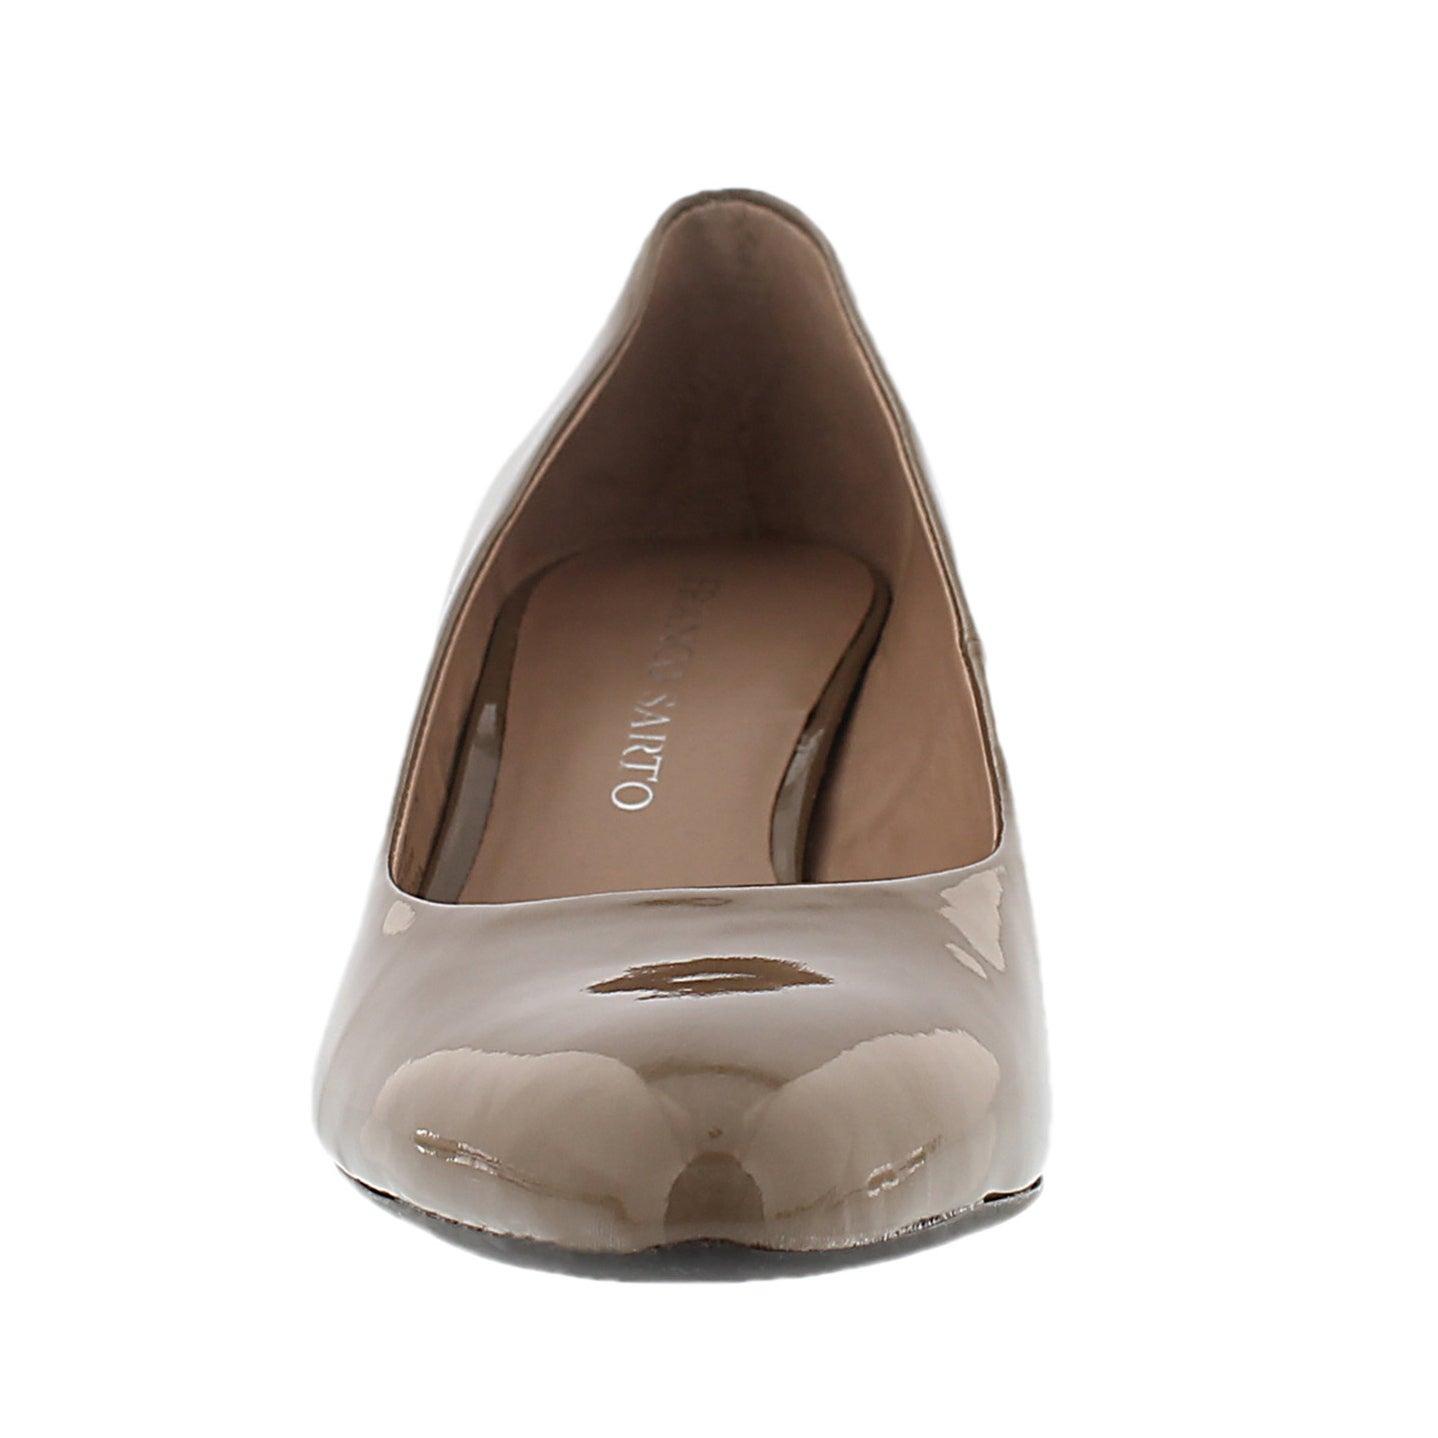 Lds Rema mohair patent dress heel